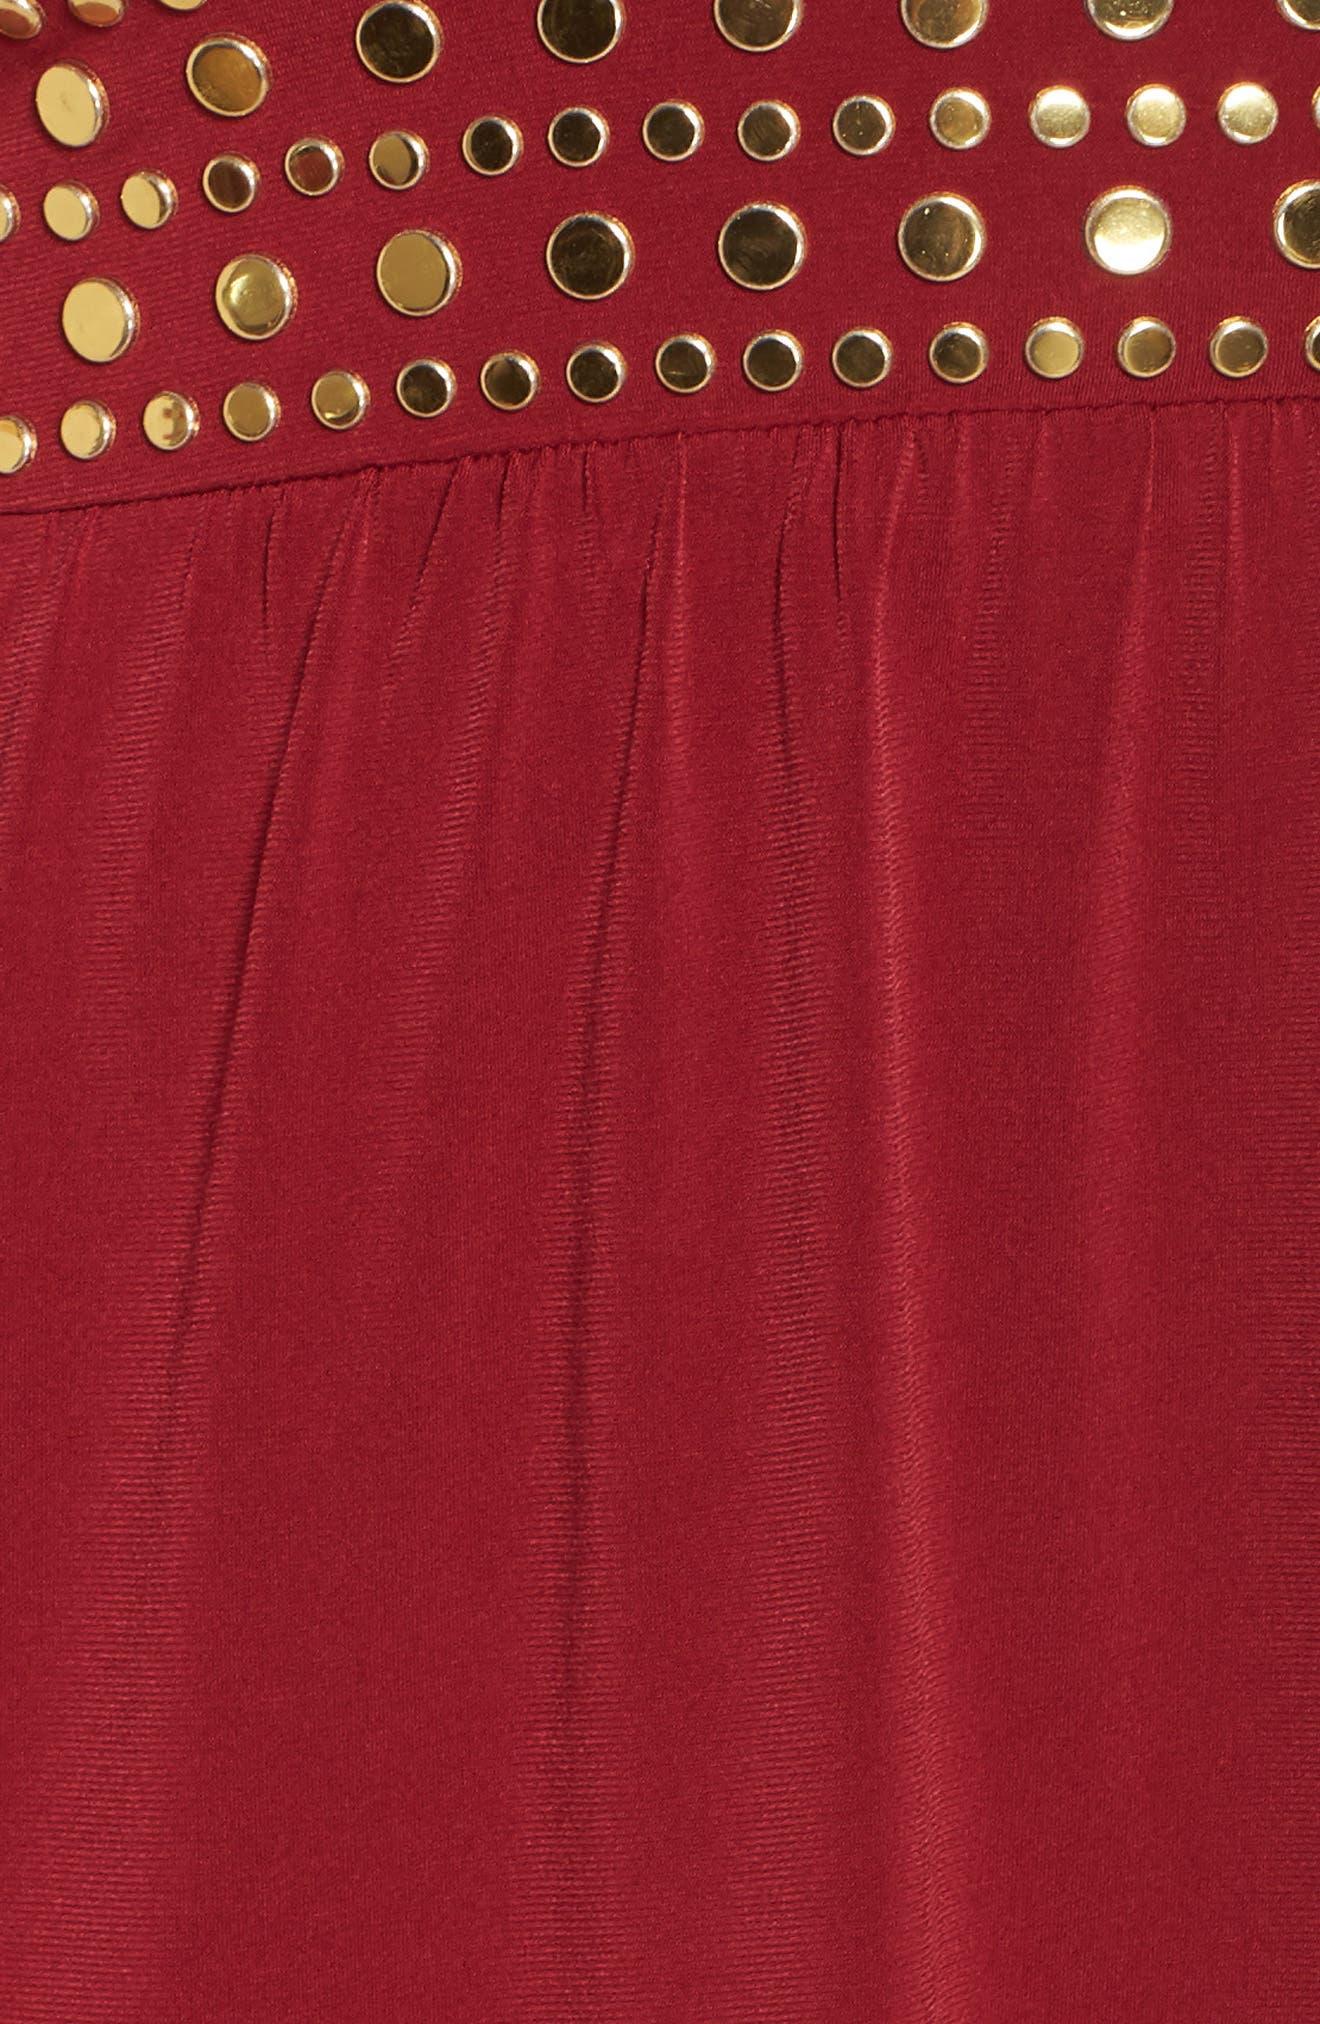 Studded V-Neck Dress,                             Alternate thumbnail 5, color,                             MAROON